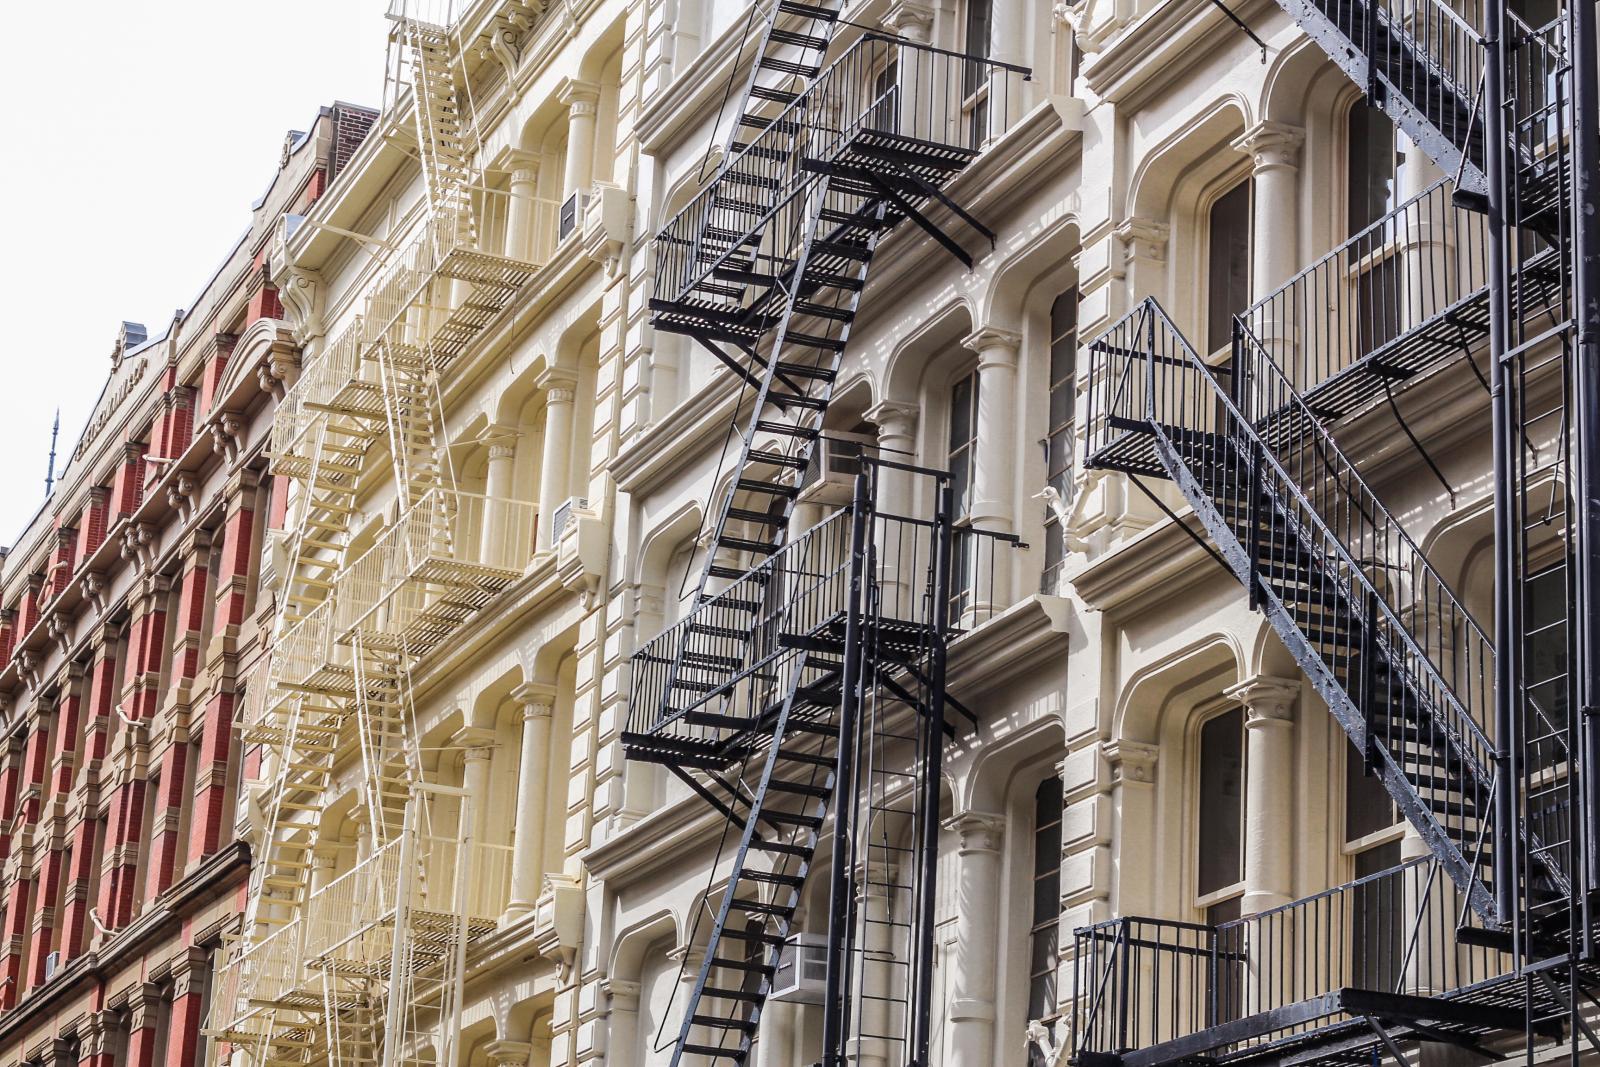 Arquitectura Cast Iron en el Soho de Nueva York